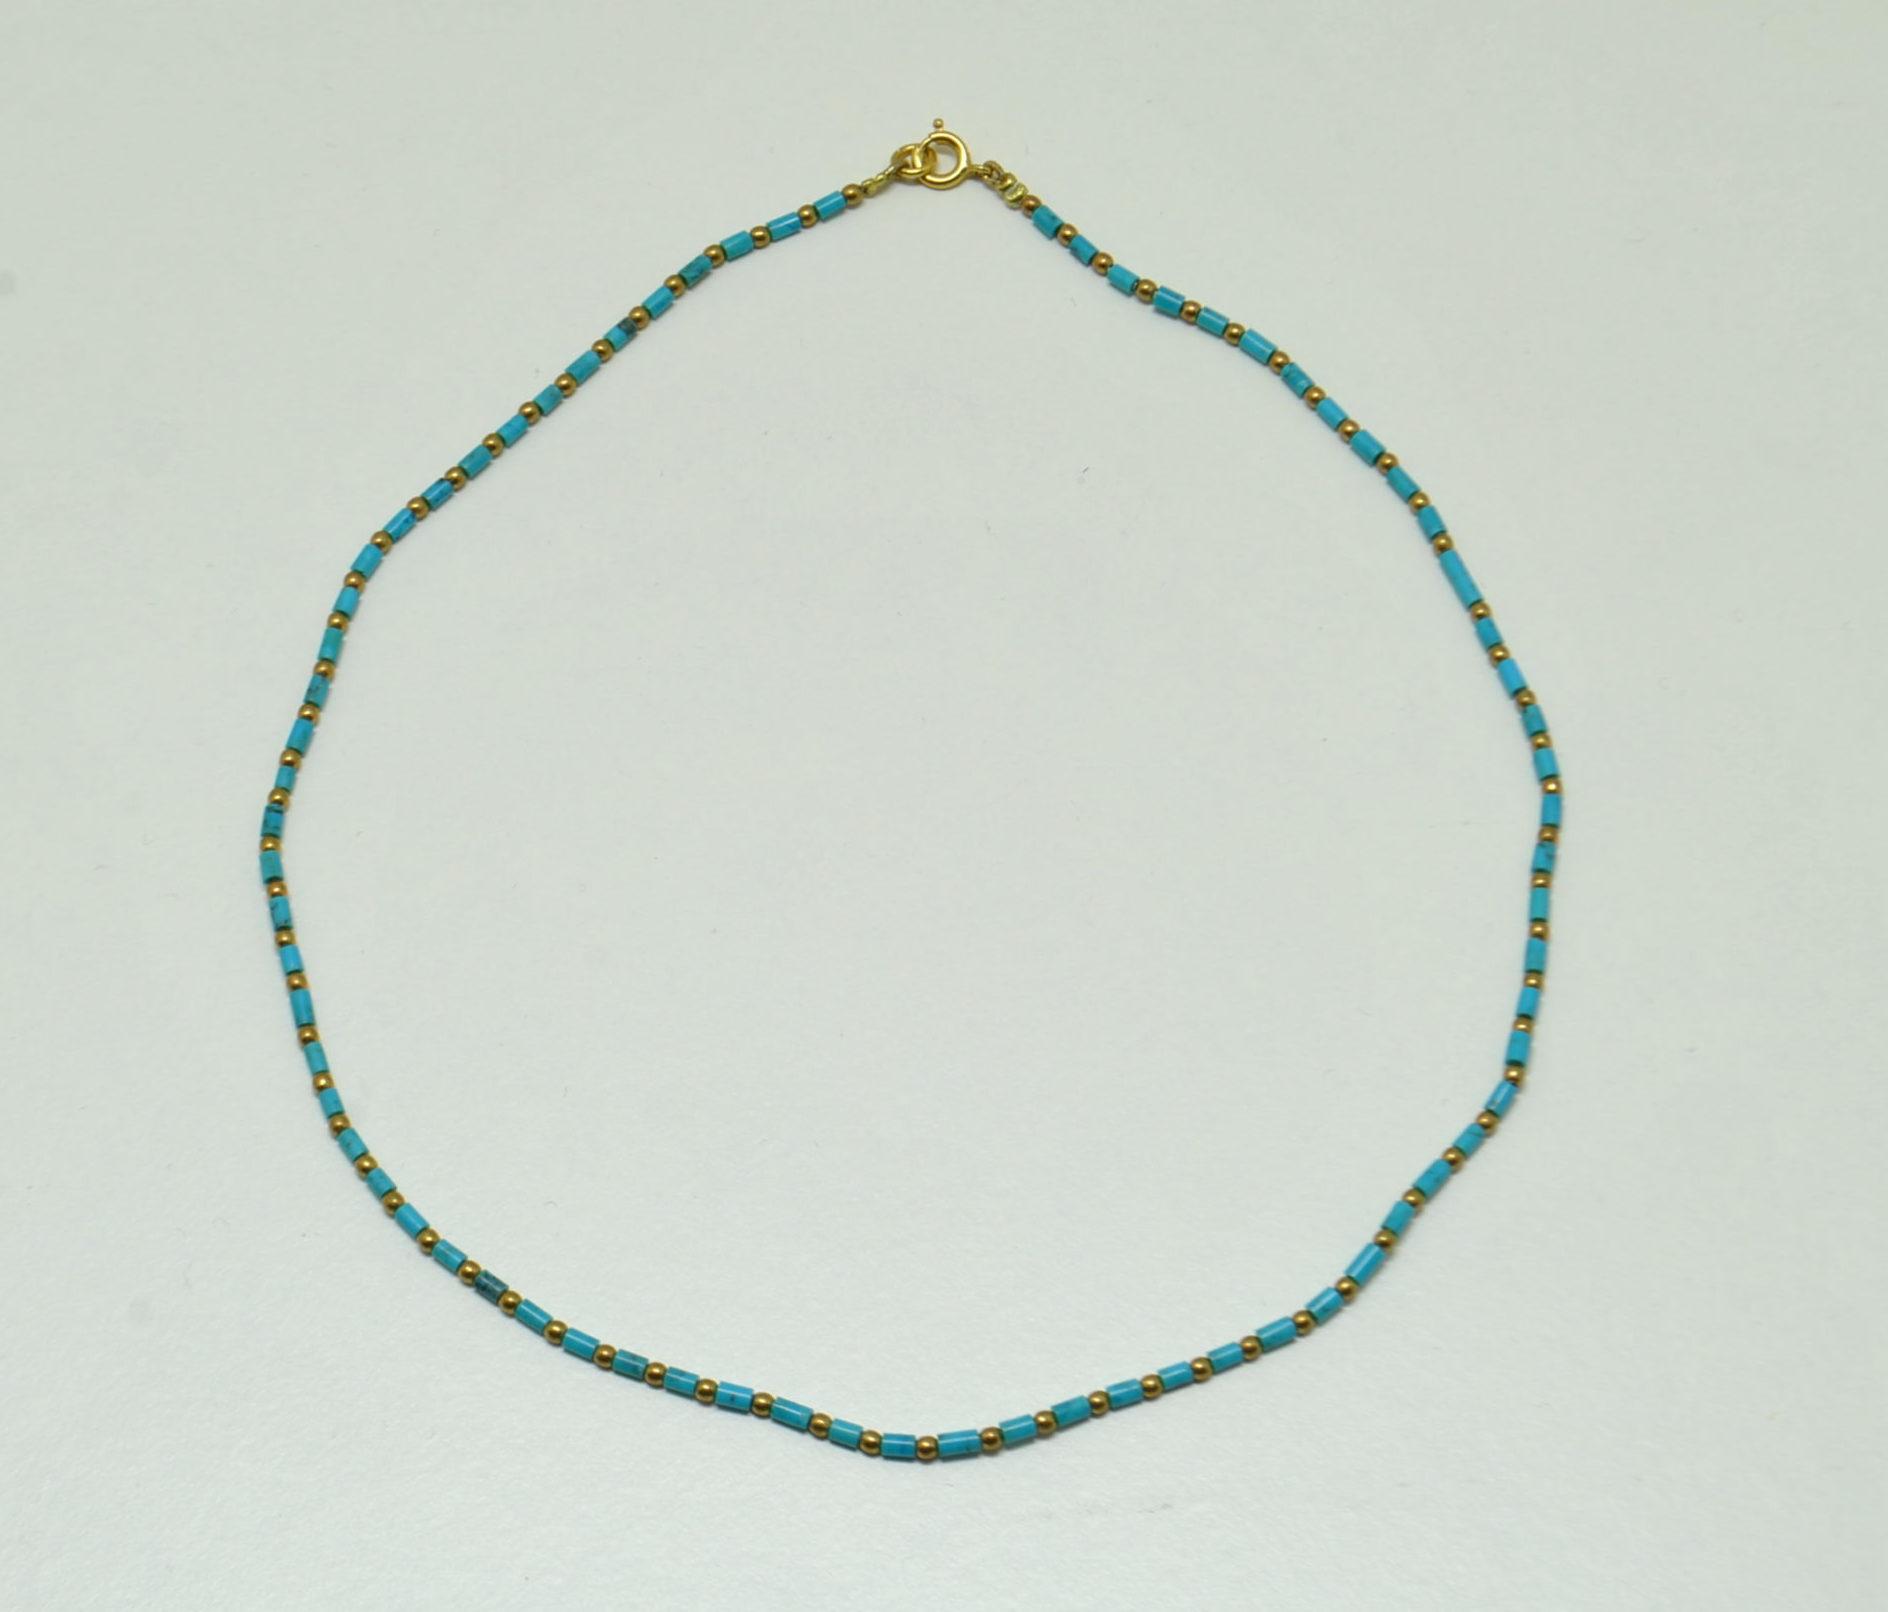 Collier turquoise et doré